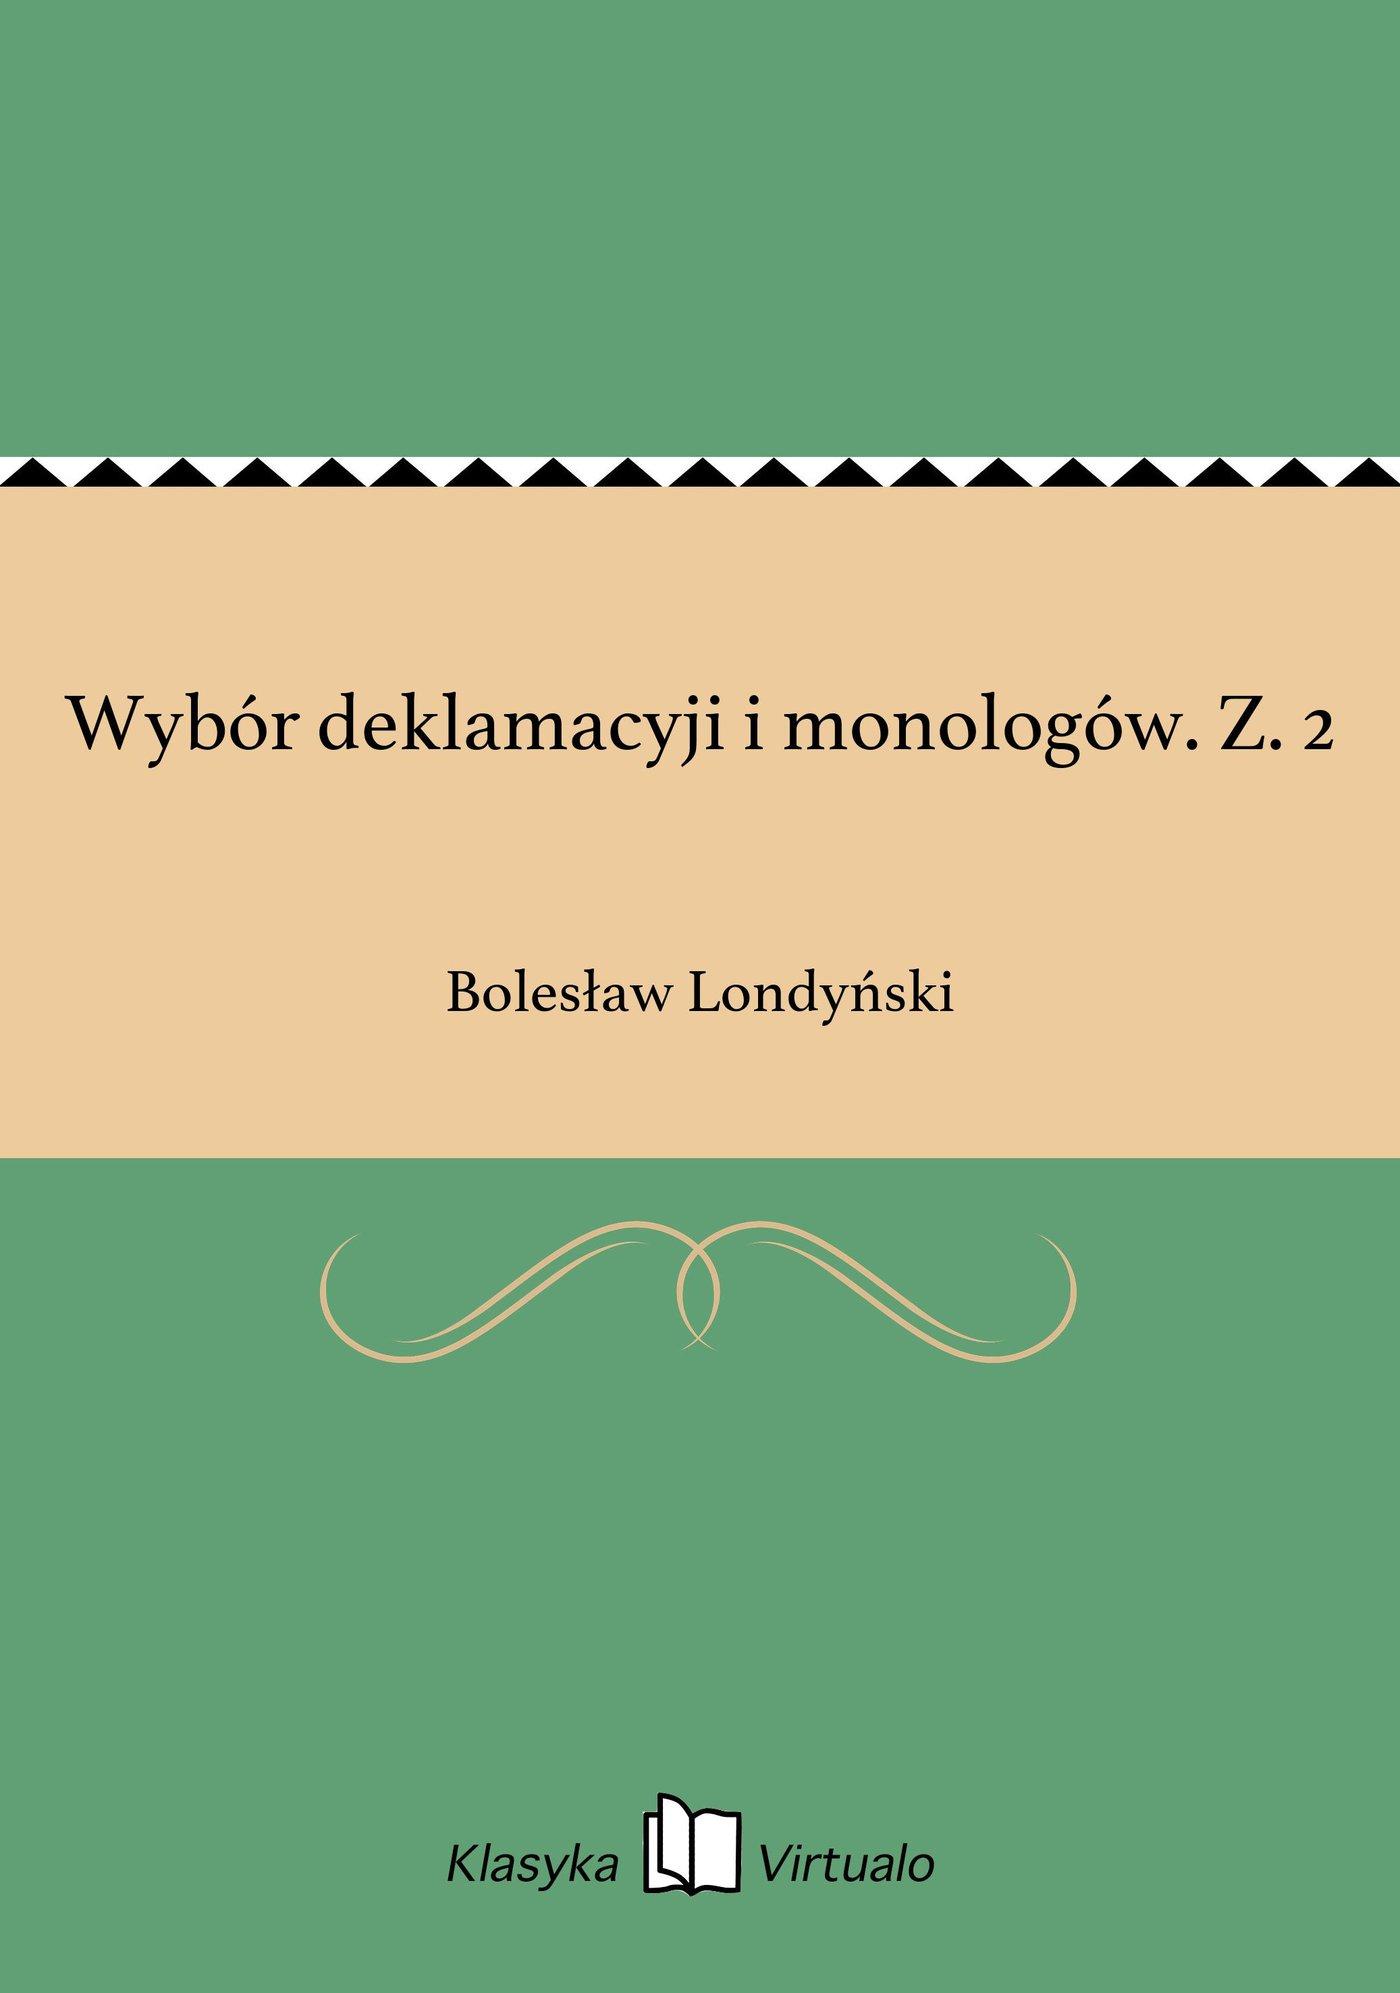 Wybór deklamacyji i monologów. Z. 2 - Ebook (Książka na Kindle) do pobrania w formacie MOBI